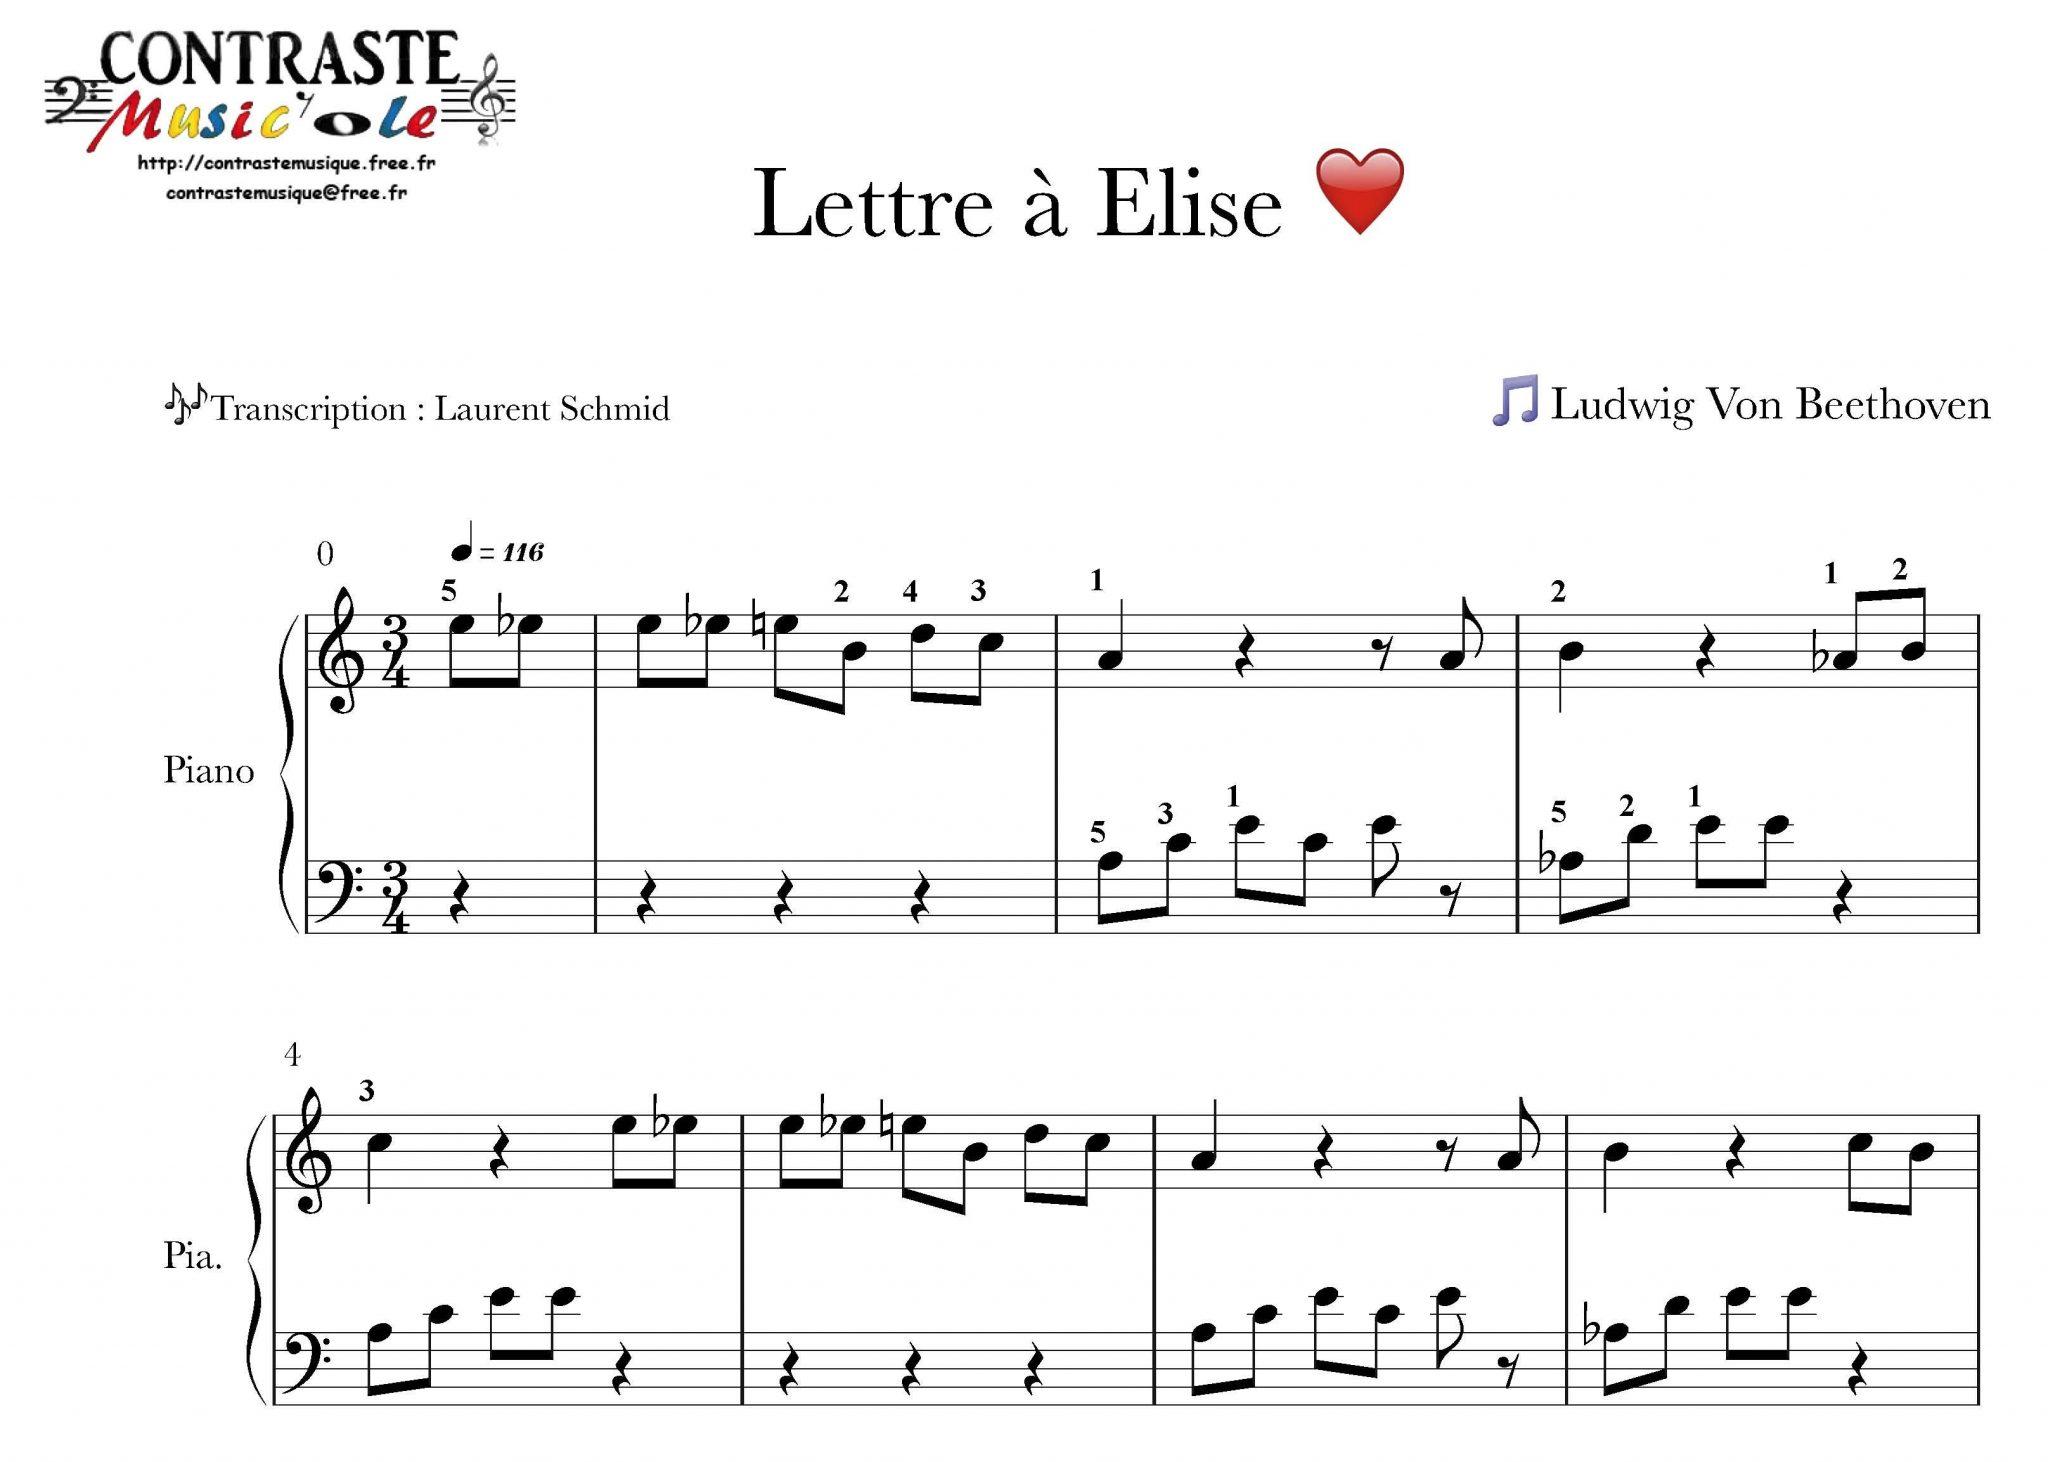 lettre a elise Lettre à Elise – Contraste Music'Ole lettre a elise